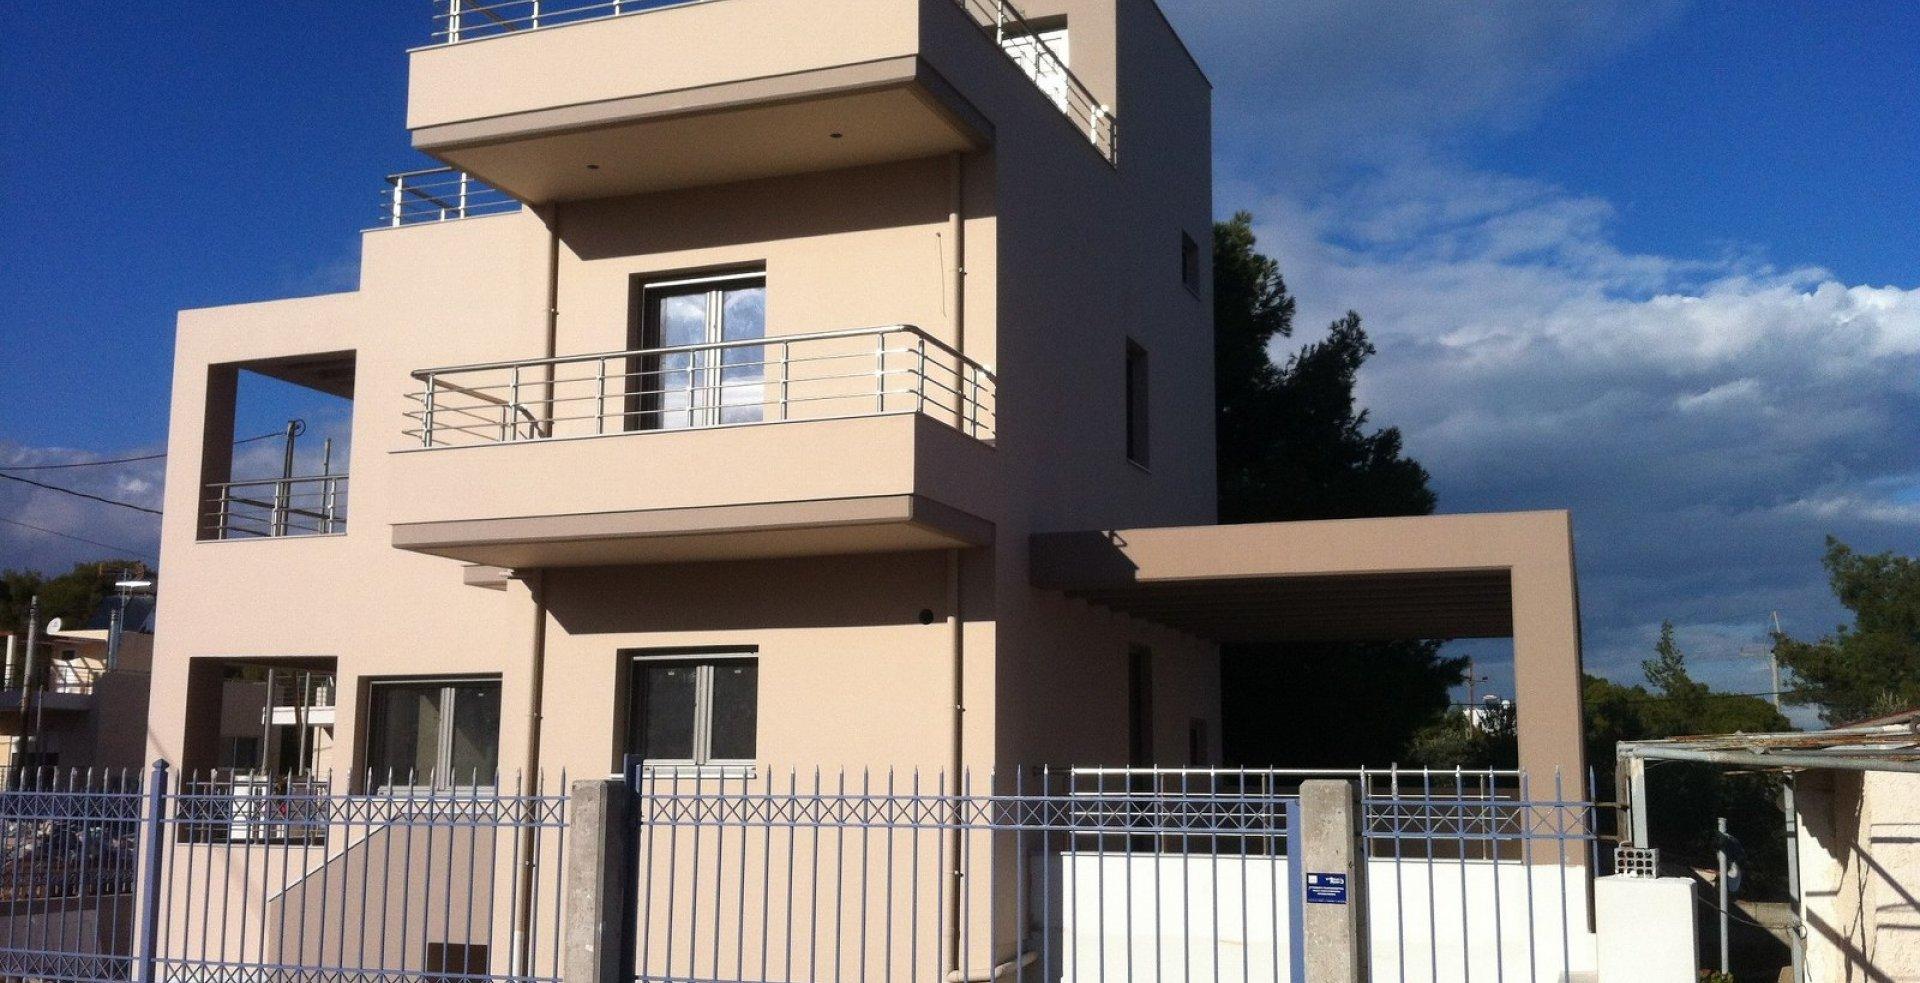 Εξωτερική όψη νέας κατοικίας στην Αρτέμιδα